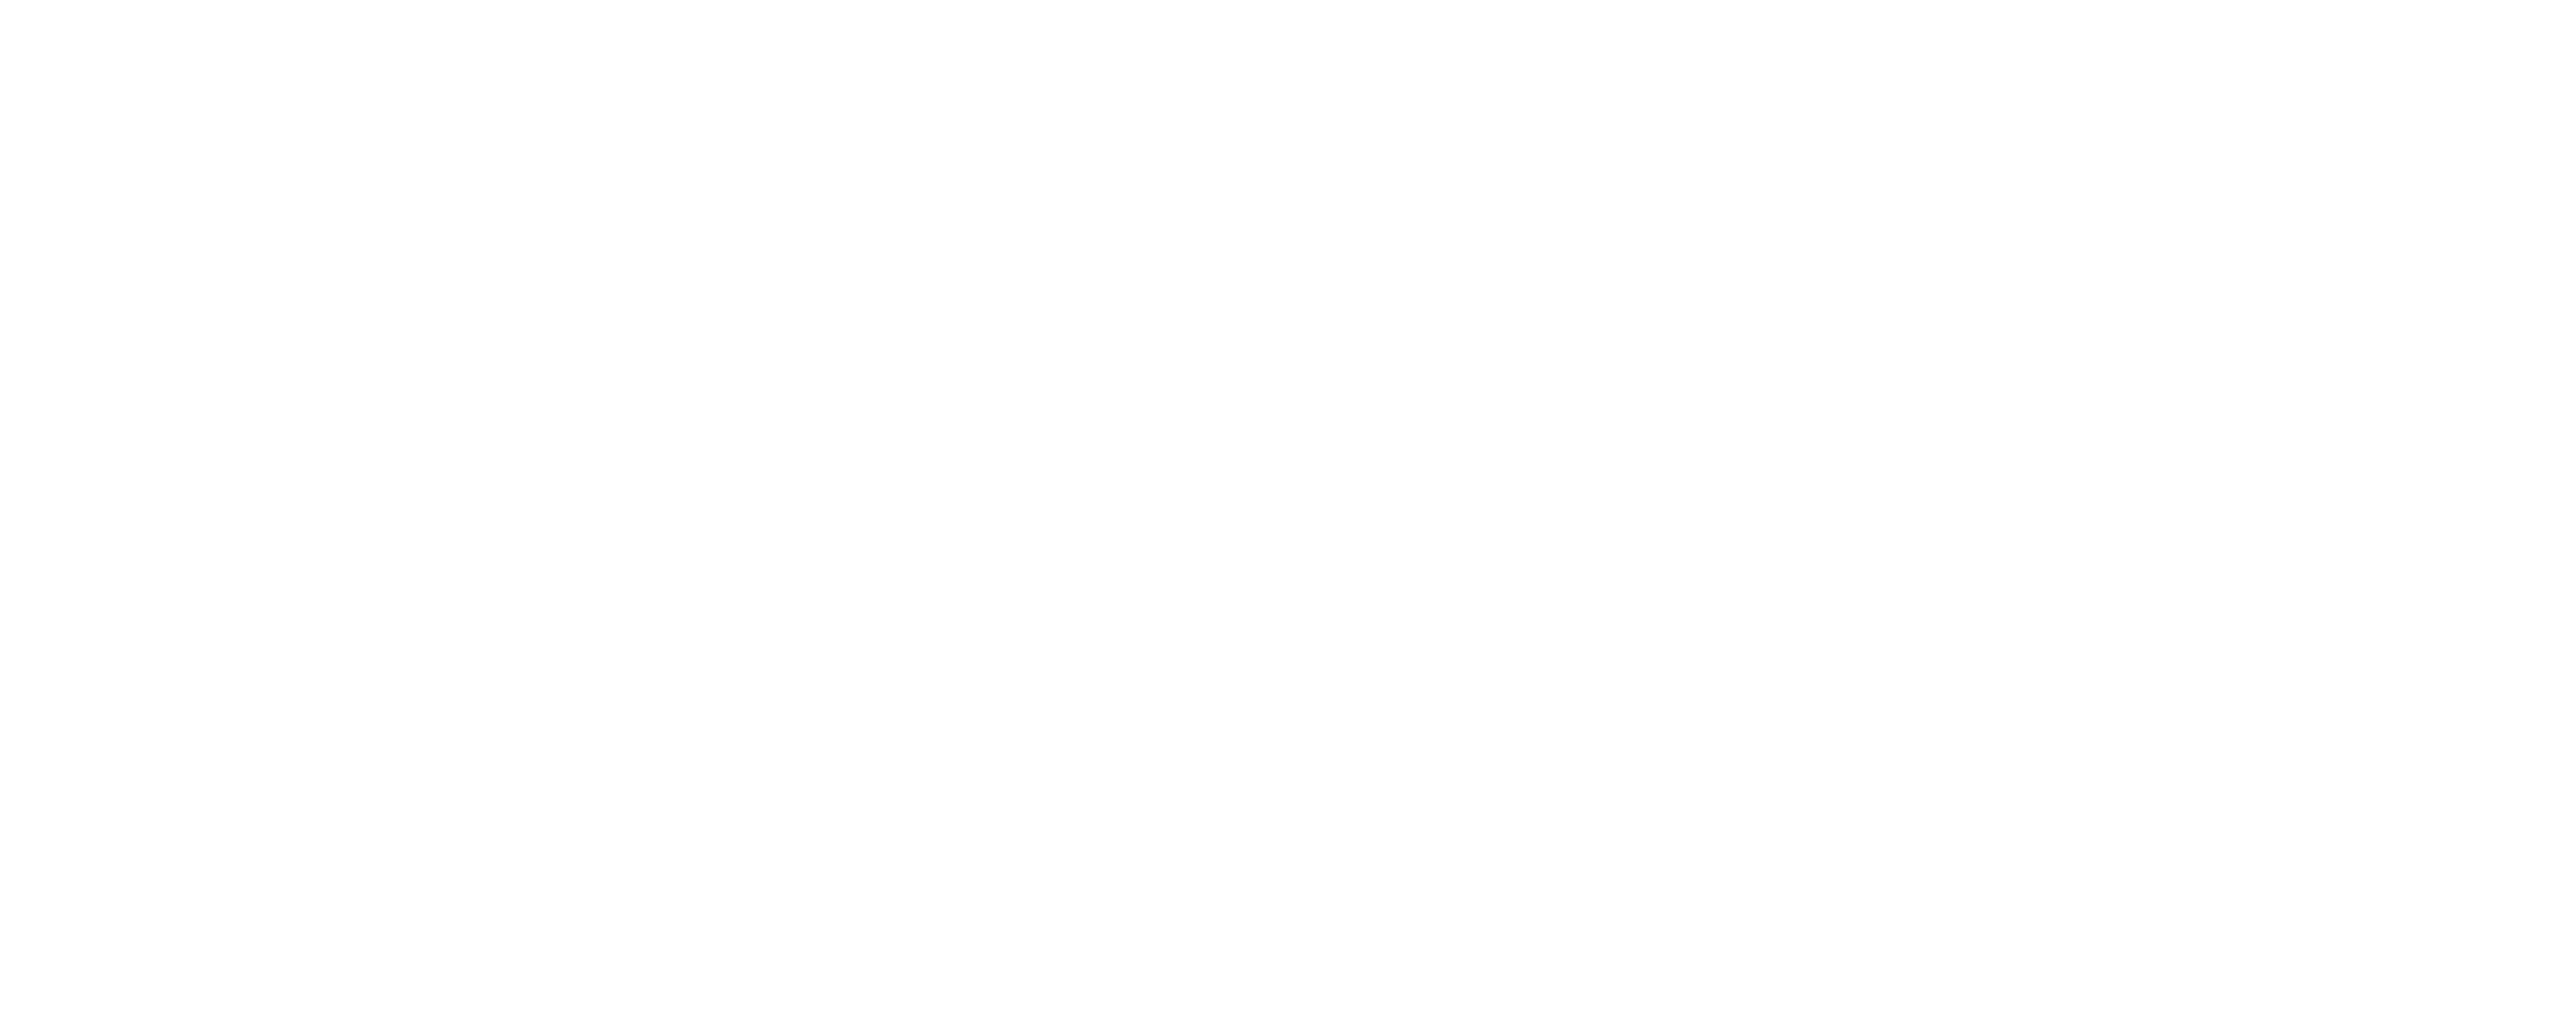 Gravity Series 800 Schematic